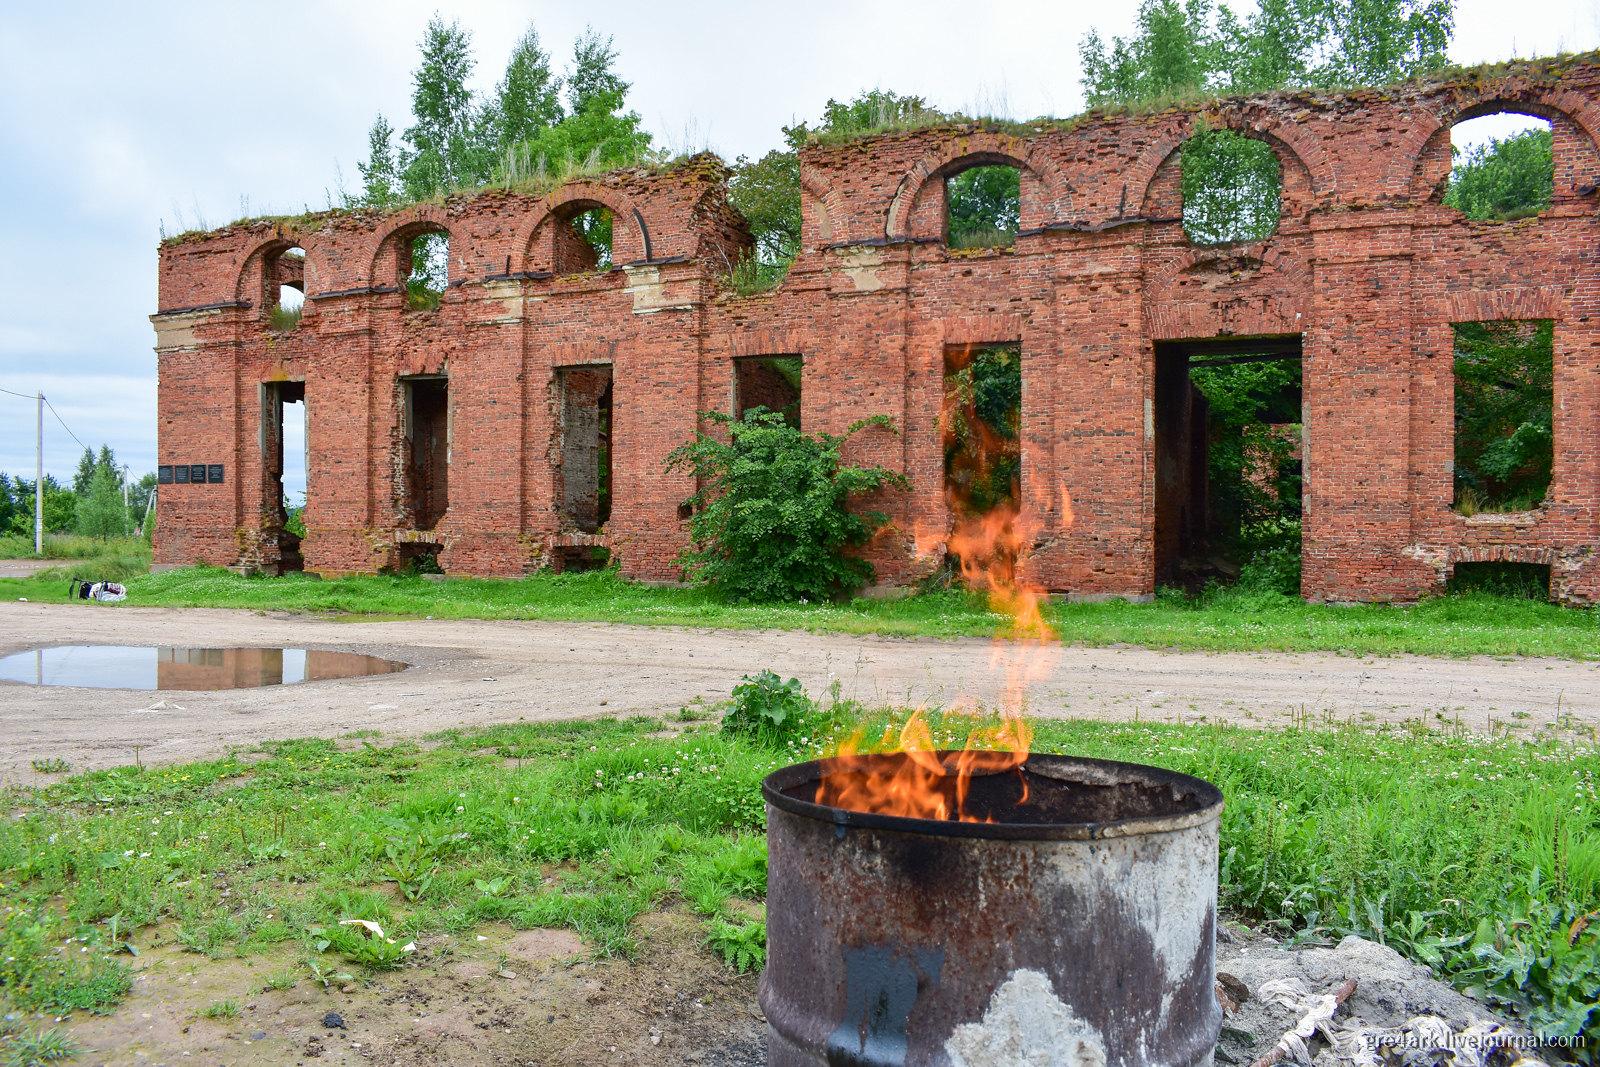 Аракчеевская деревня – остатки мегапроекта 18 века